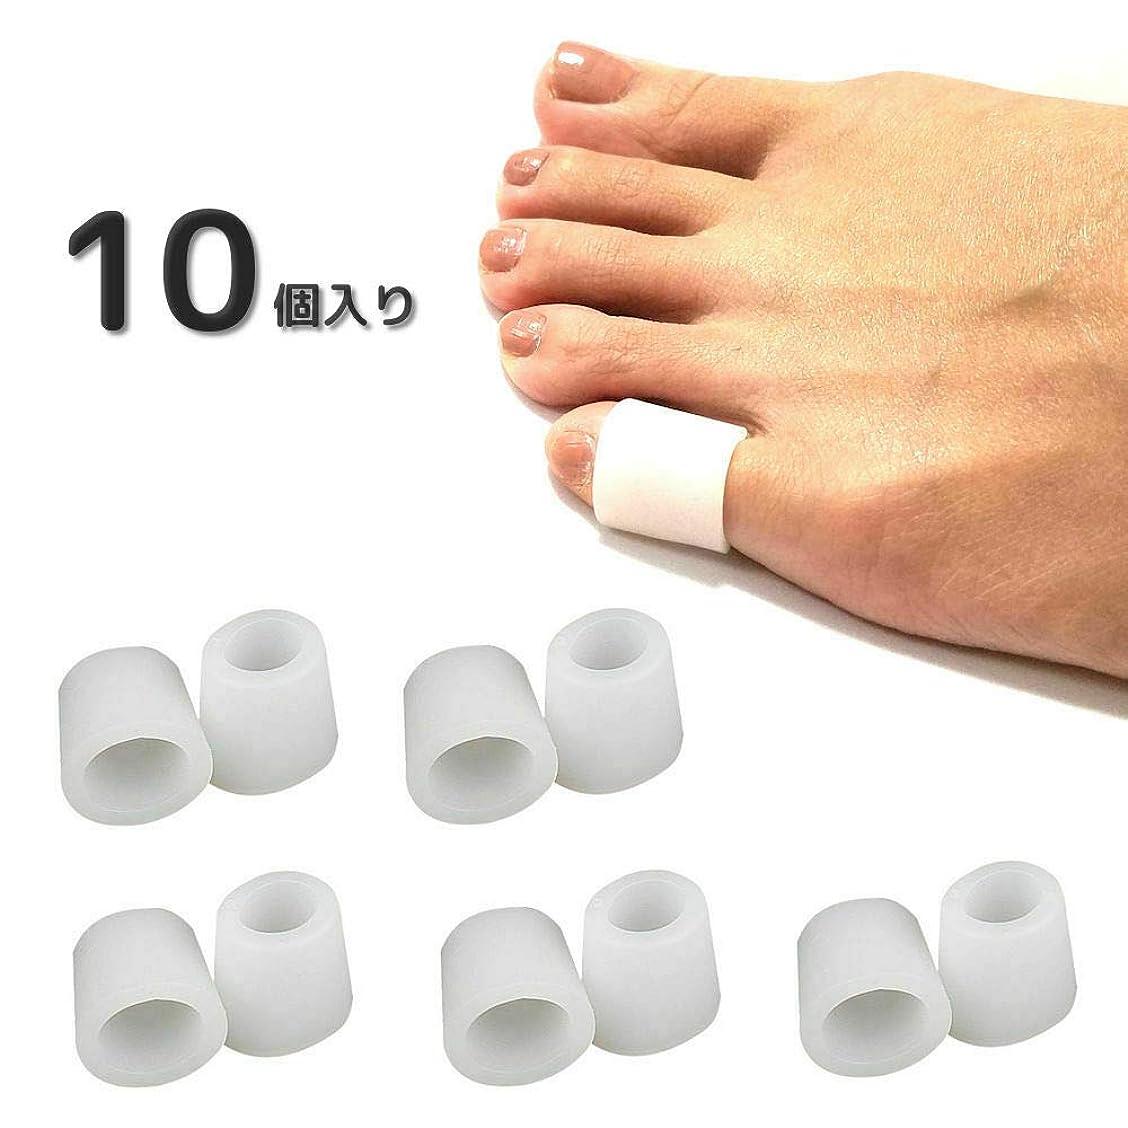 直接魔女挑むLumiele 指や爪の保護キャップ 足爪 足指 柔らかシリコン サポーター 小指 指サック 5セット 10個入り